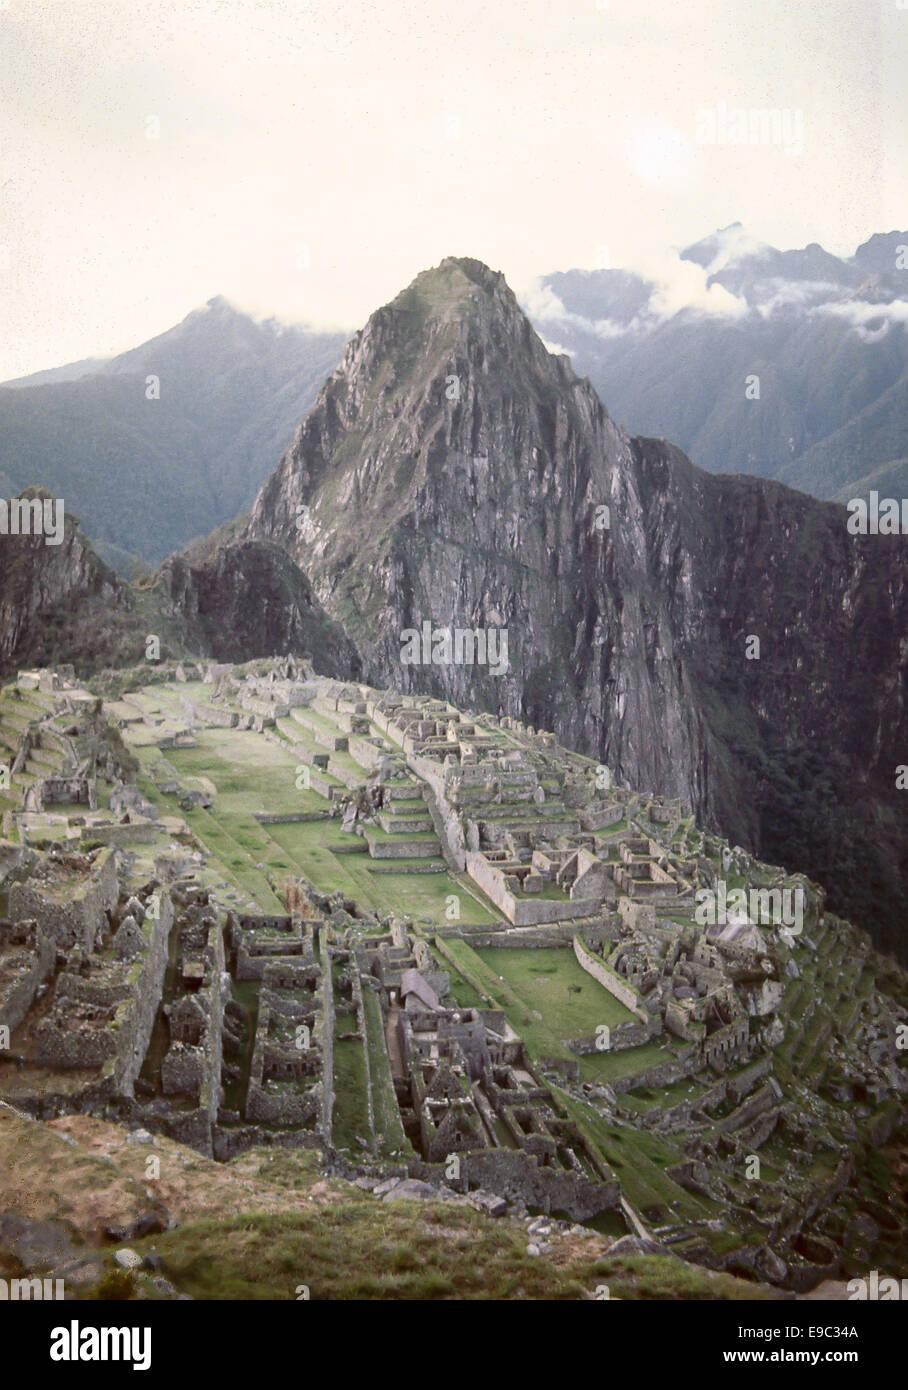 ein Bild der historischen Inka Stadt Machupicchu in Peru von meinem Vater in 1971 gedreht Stockbild